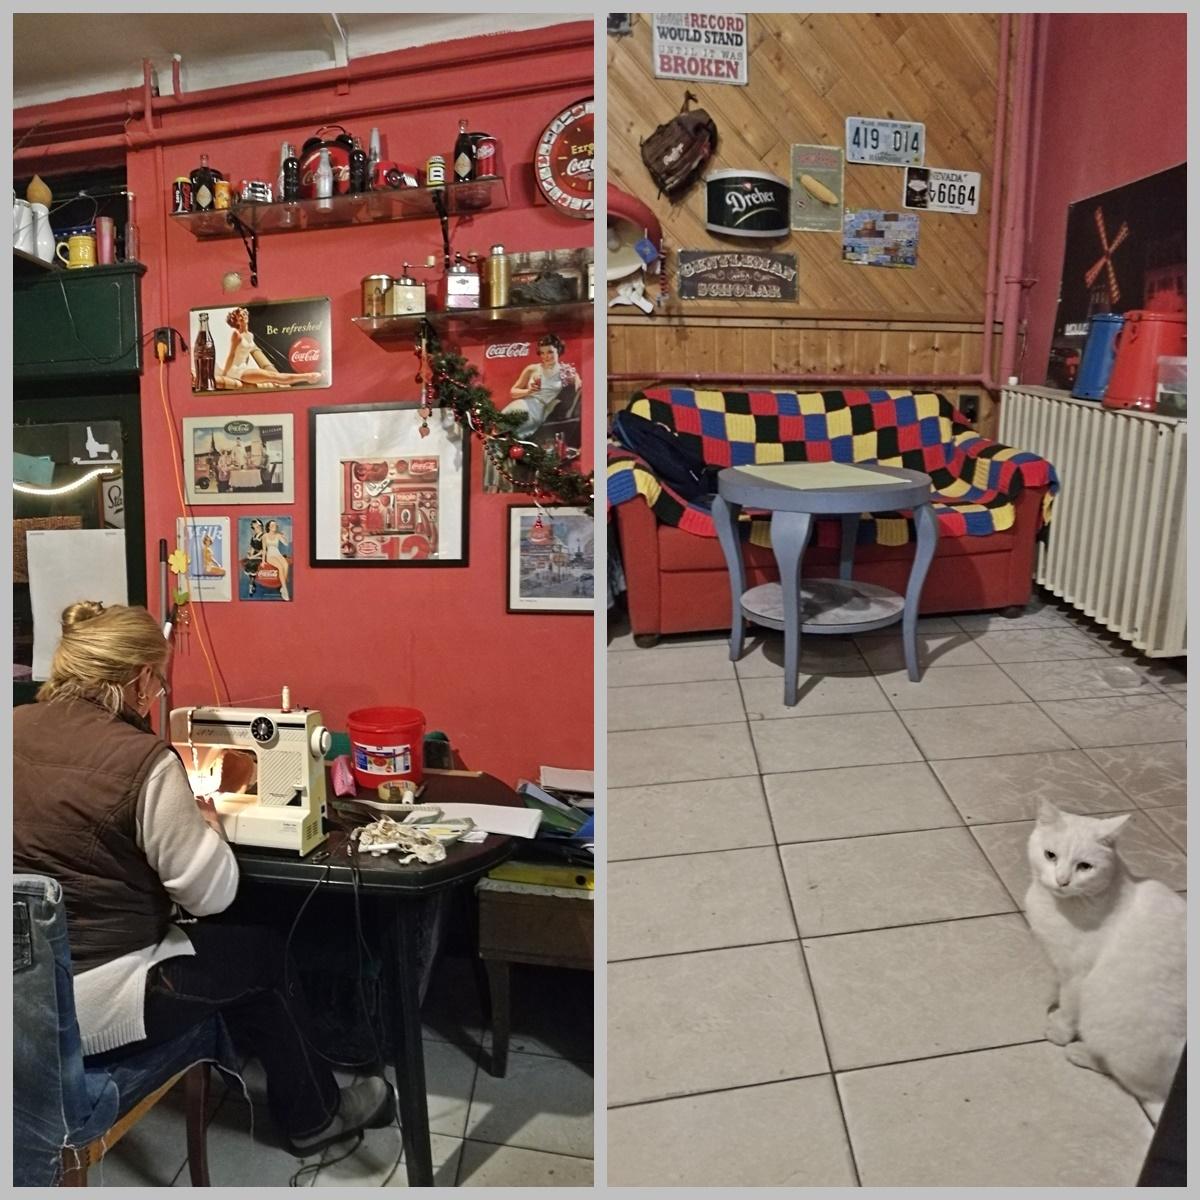 Kocsmaturista - budapesti kocsmatúra olasz szemmel - Árnyas Söröző, varrógép akcióban és a Ház macskája - Kocsmaturista